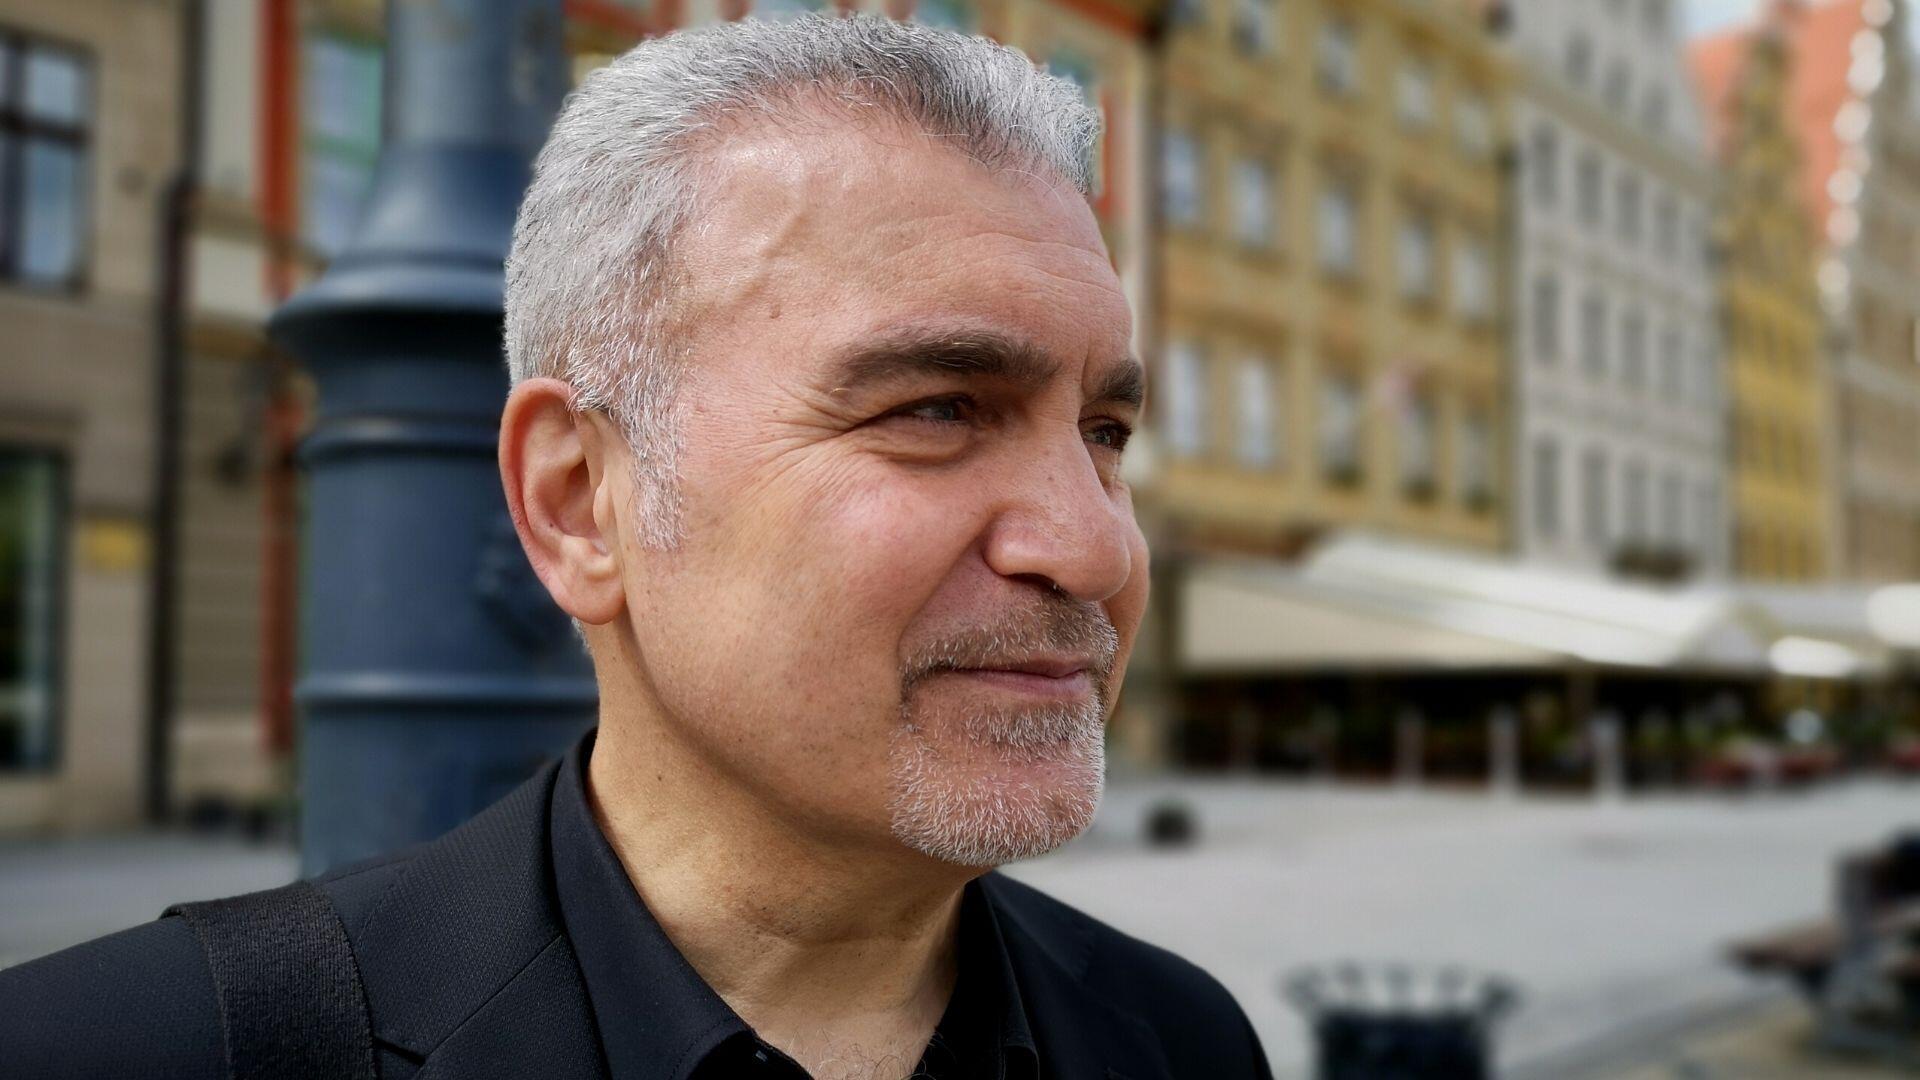 roznorodnosc jest piekna wywiad o tolerancji kulturowej z dr ziadem abou saleh